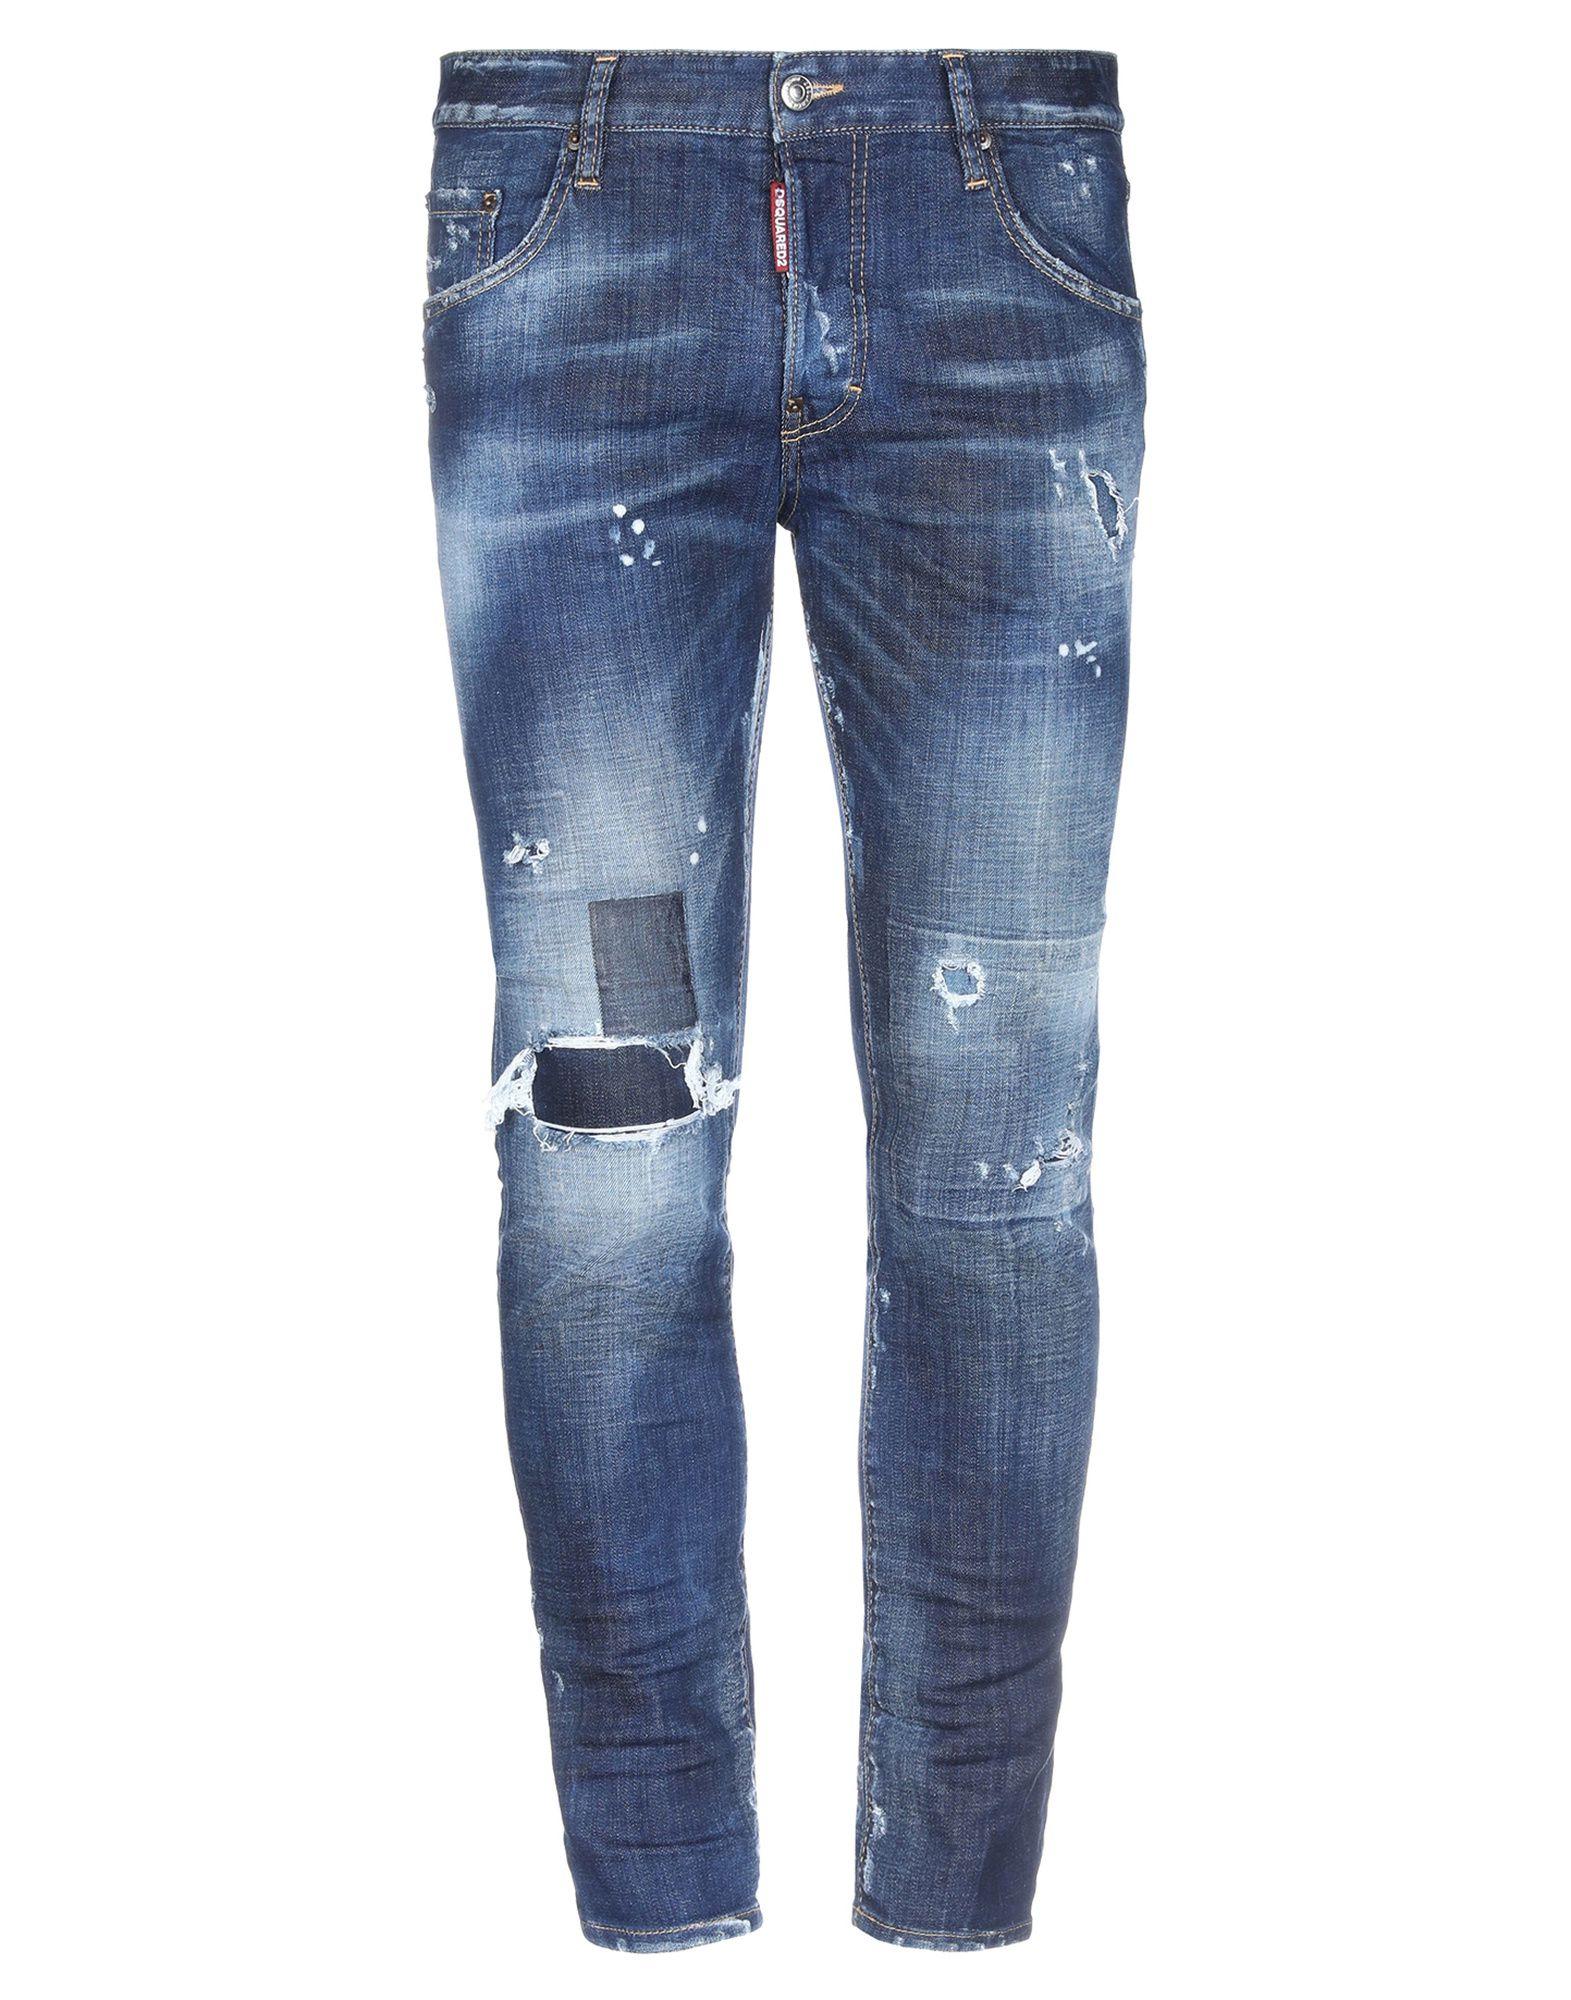 Pantaloni Jeans Dsquarosso2 uomo - 42730382OP 42730382OP  Luxusmarke